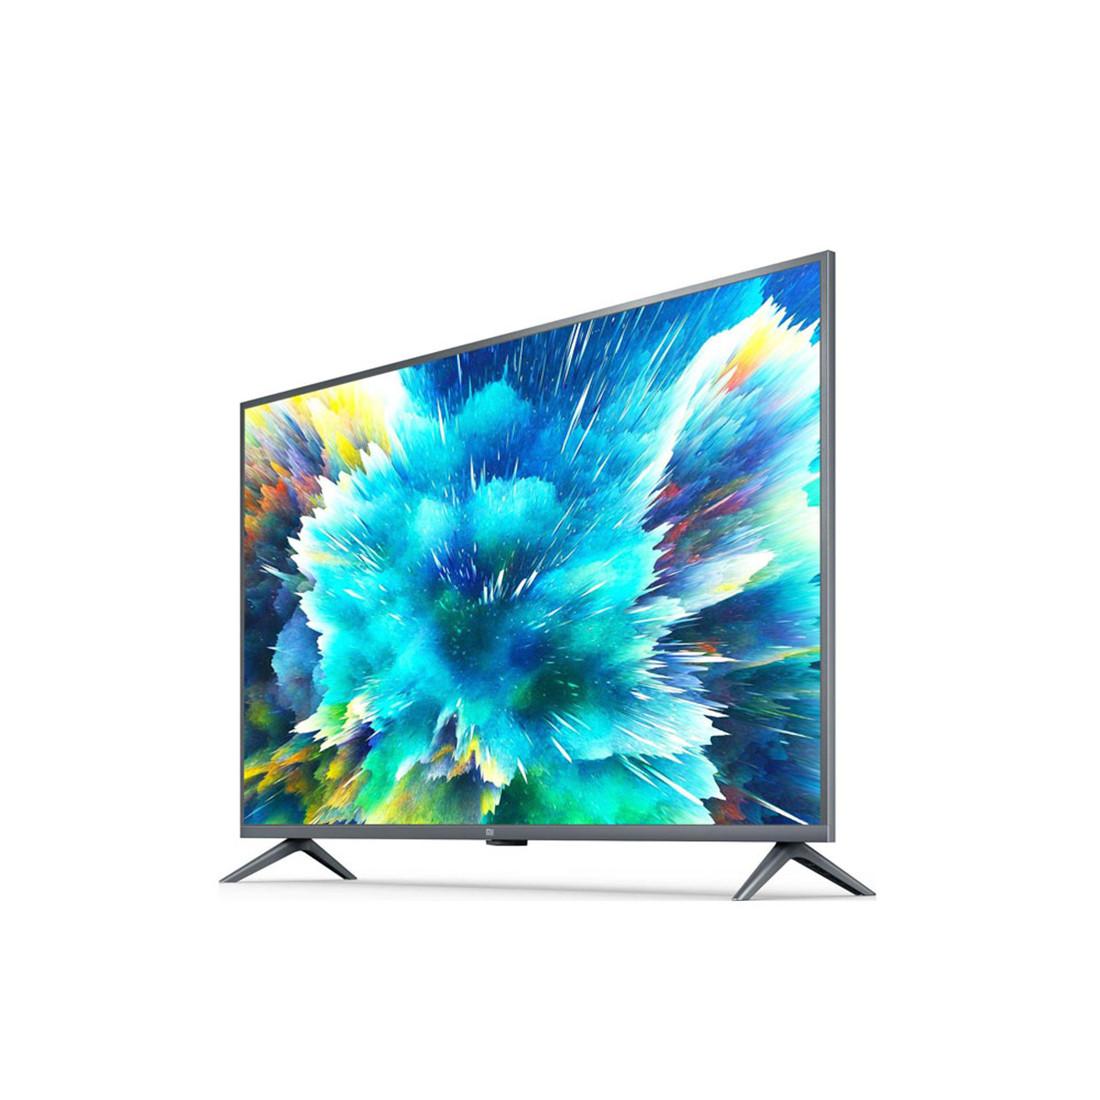 Смарт телевизор Xiaomi MI LED TV 4S (L50M5-5ARU) - фото 2